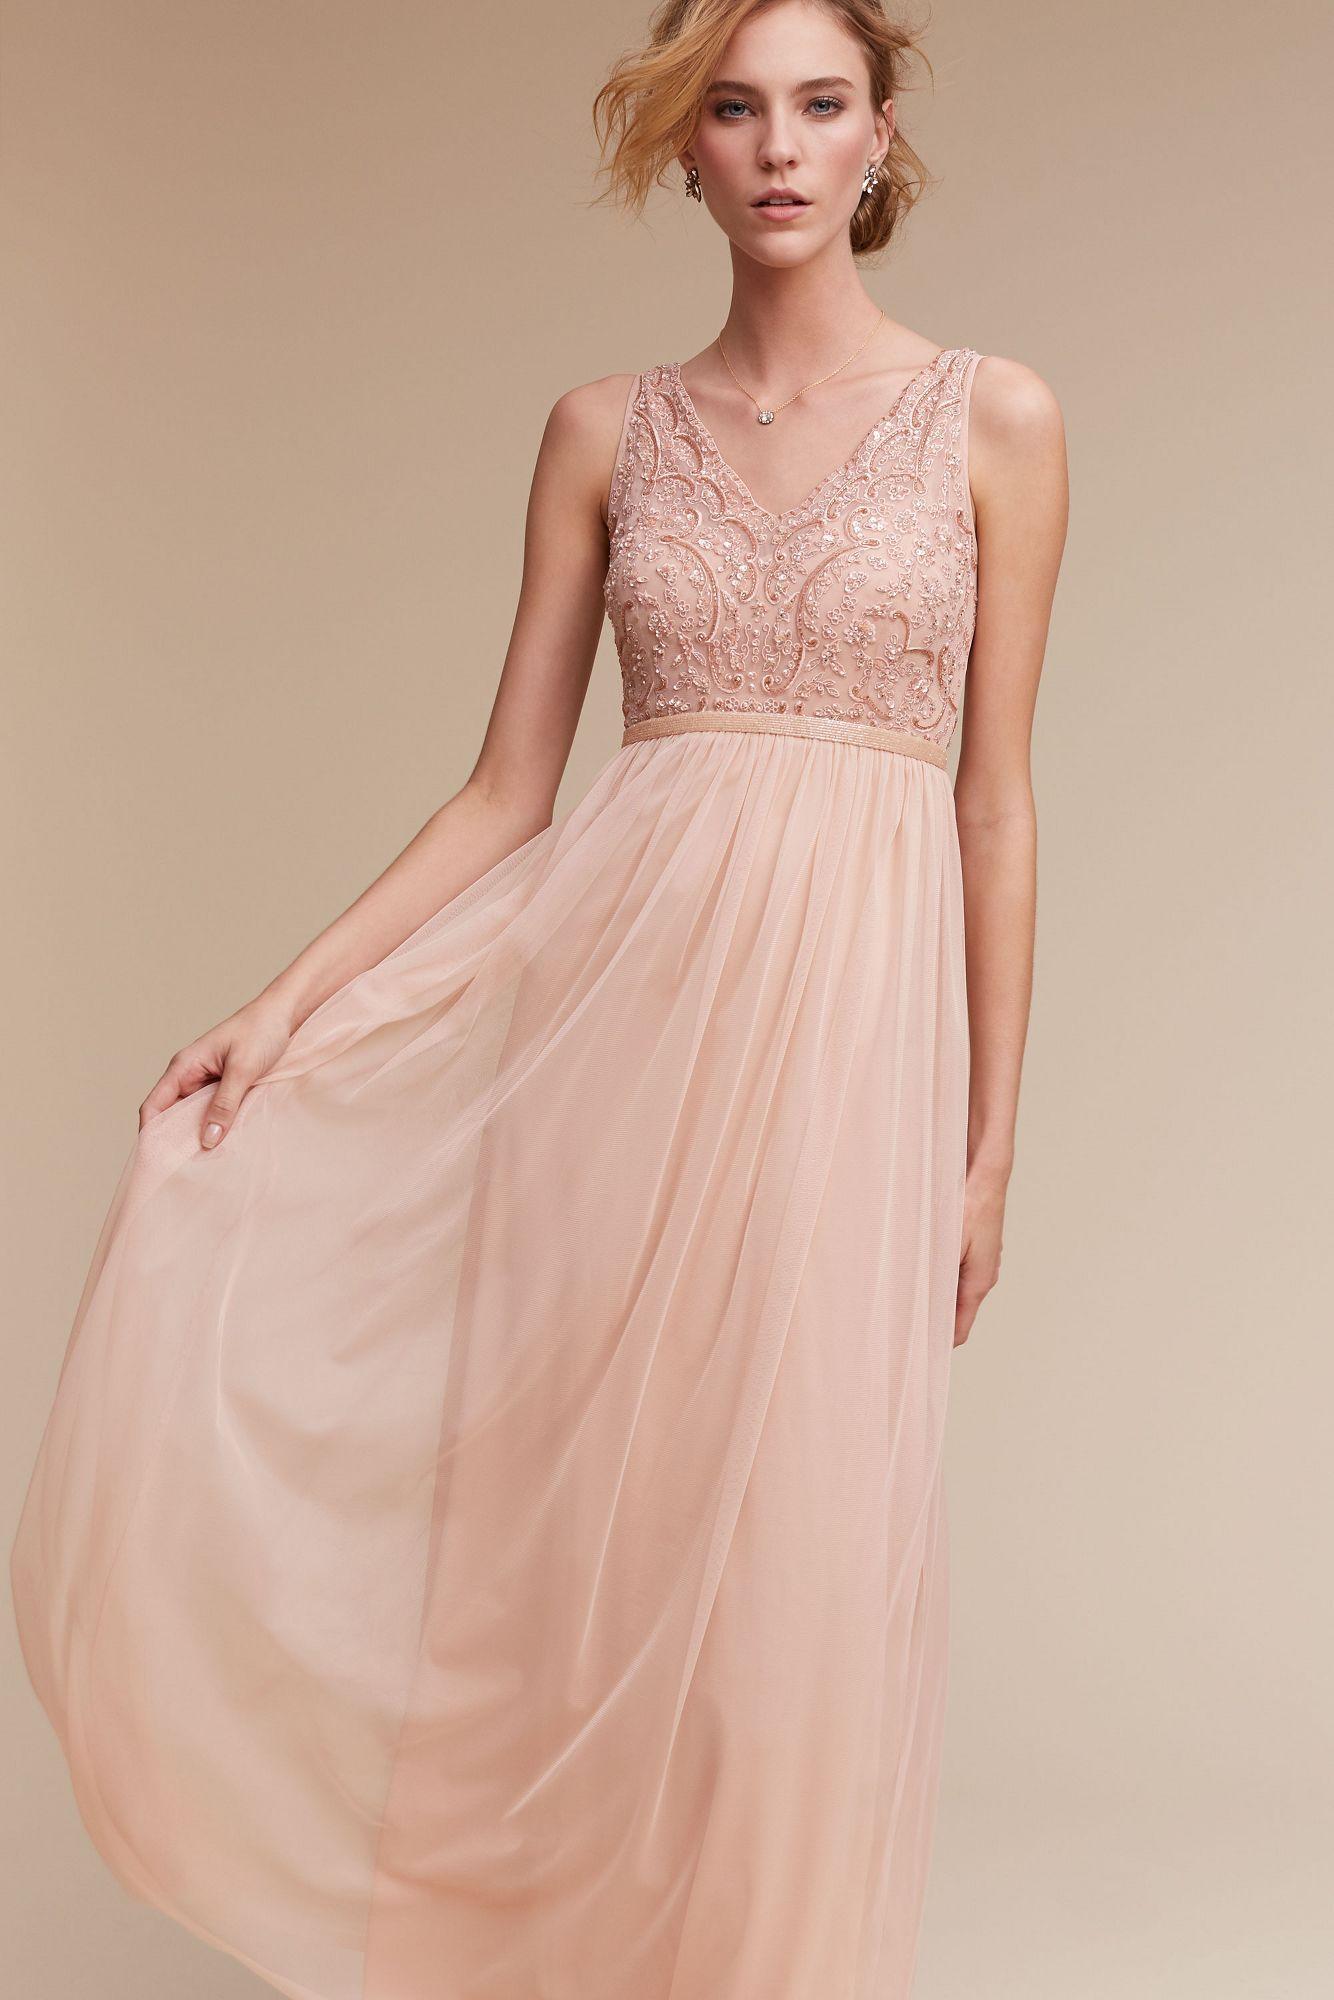 764dad53d1 Lyst - Anthropologie Orlene Dress in Pink